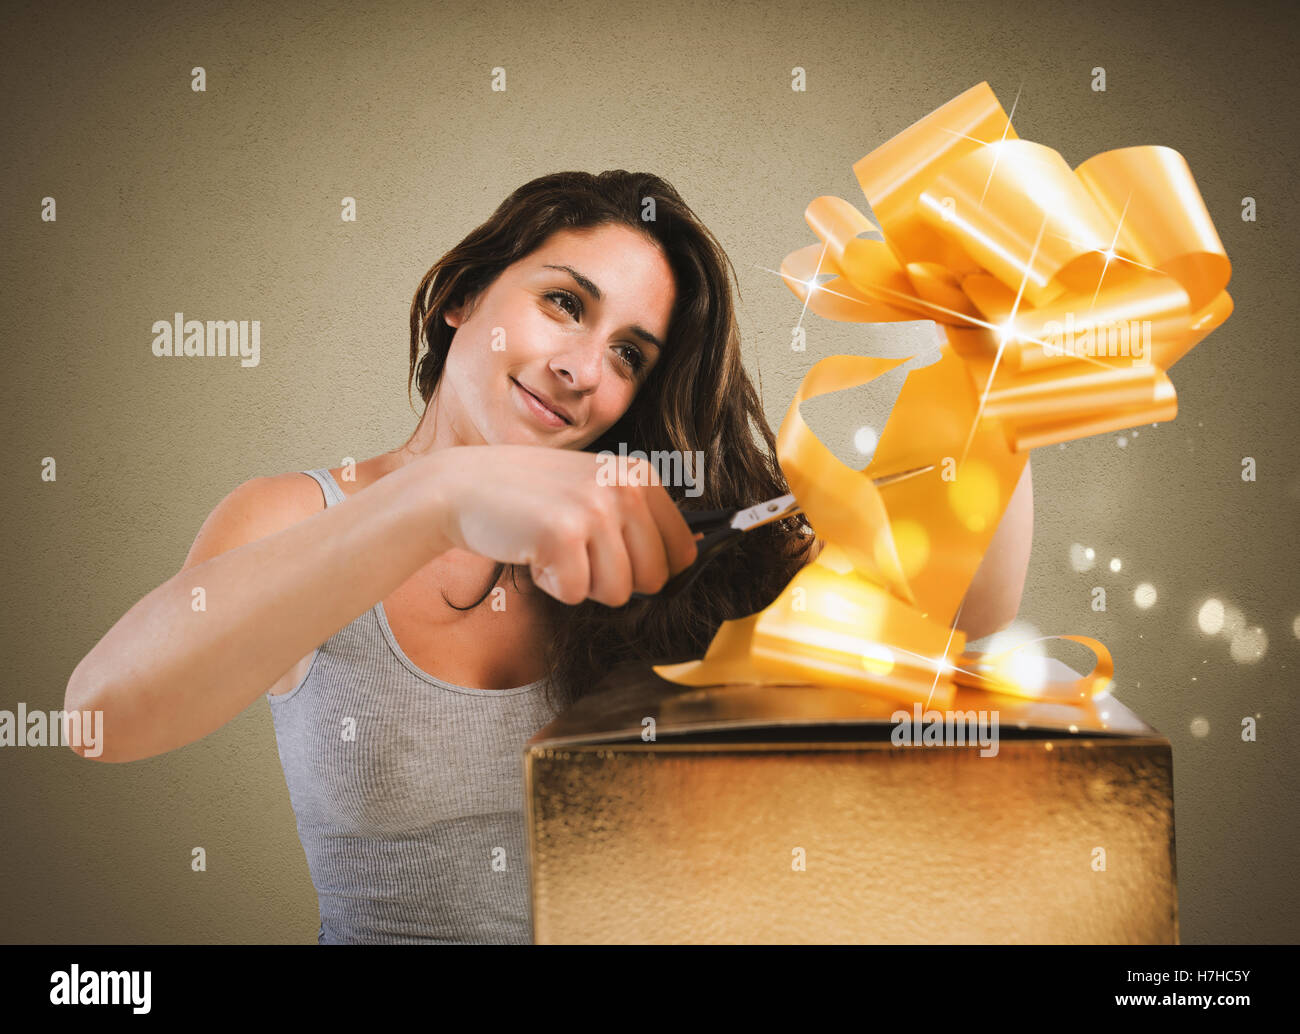 Préparer des cadeaux de Noël Photo Stock